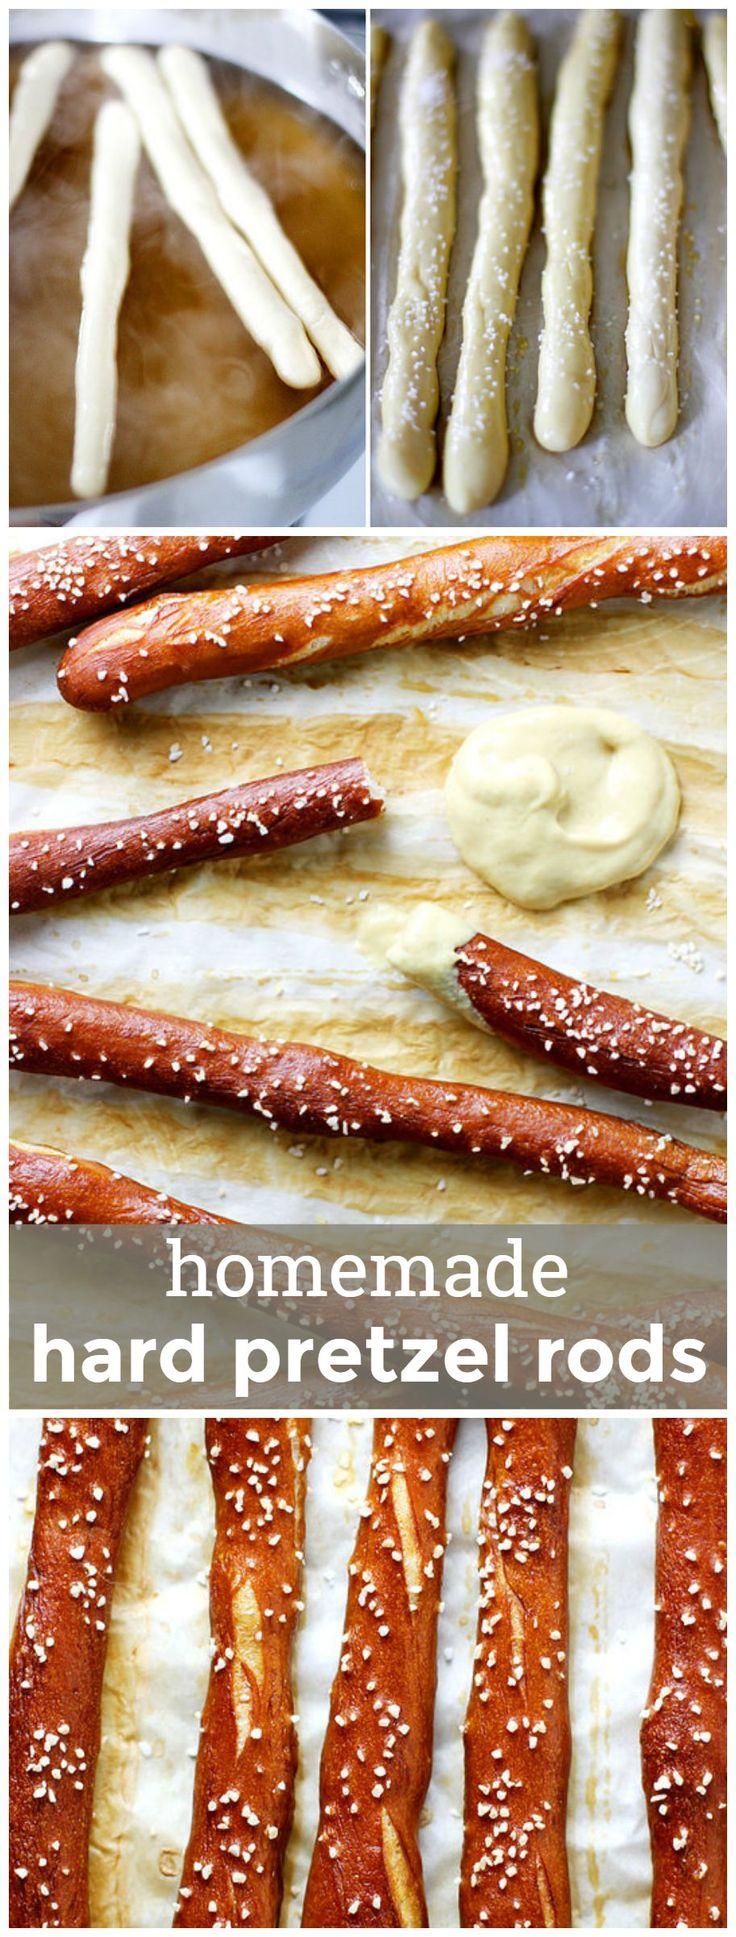 Homemade Hard Pretzel Rods -- Make your own salty snacks with my go-to recipe! girlversusdough.com @girlversusdough